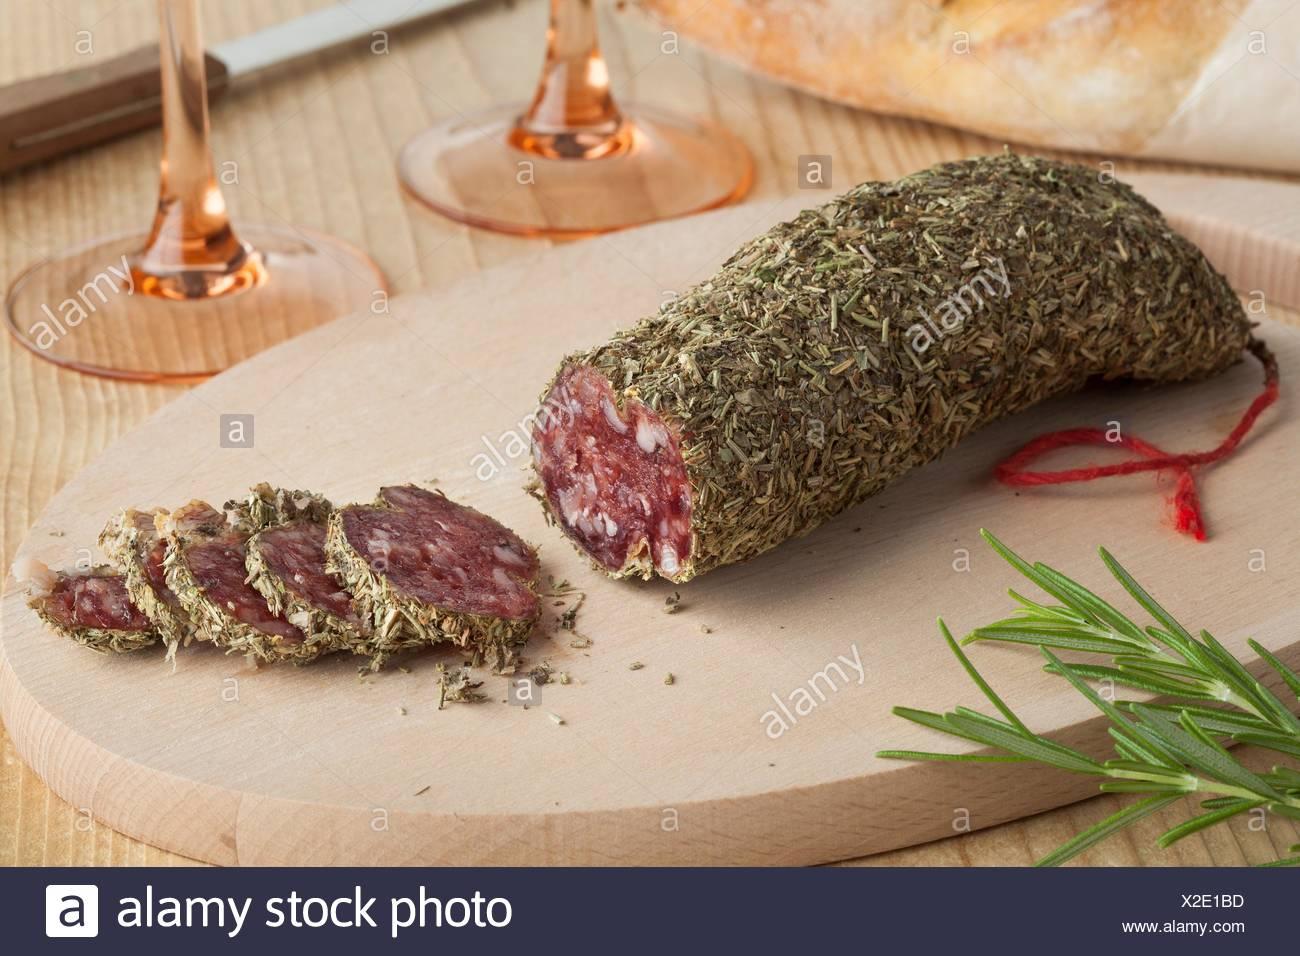 Saucisse française couverte de romarin séché. Photo Stock